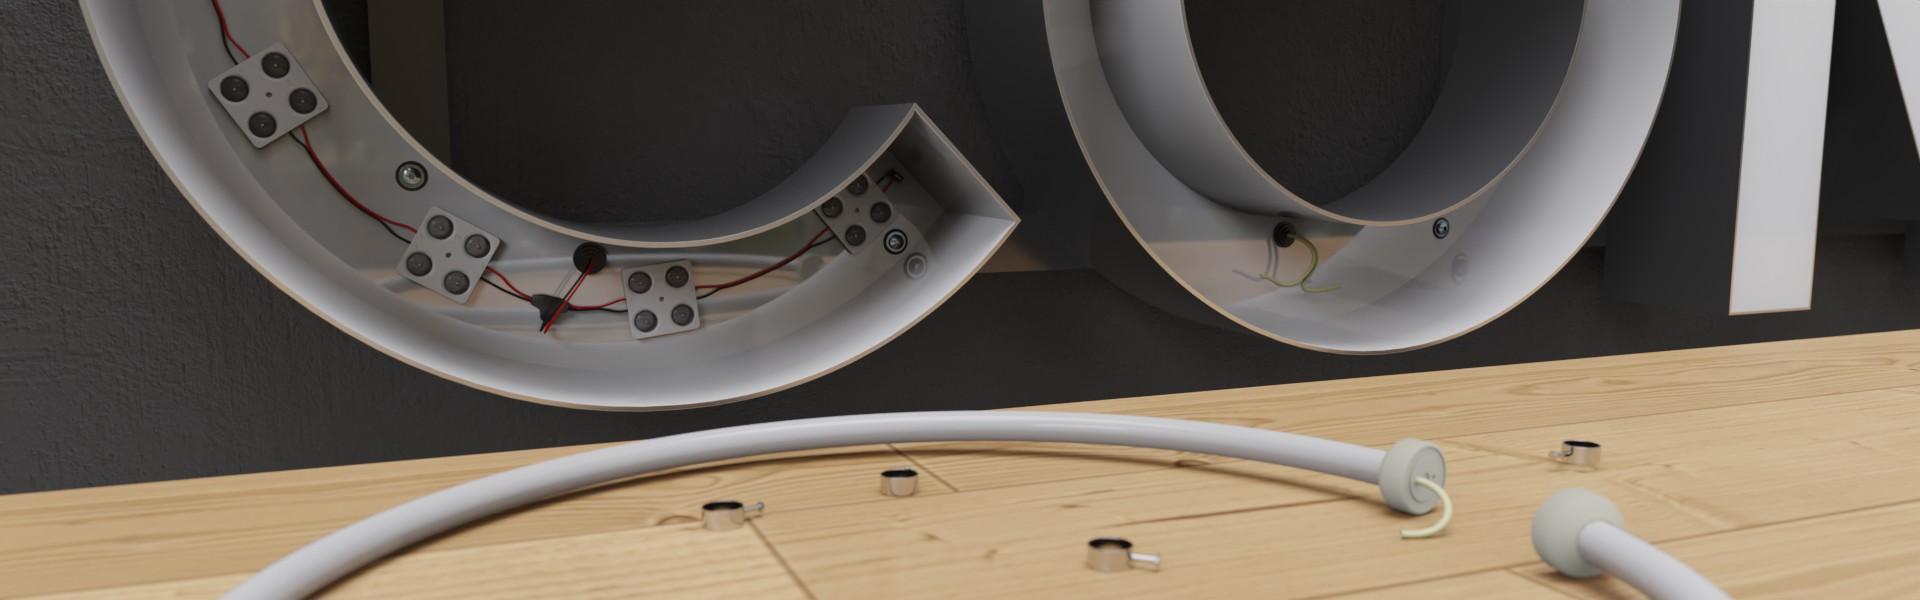 Modernisierung und Umrüstung von Werbeanlagen mit LED-Technik für Ihre Lichtwerbung